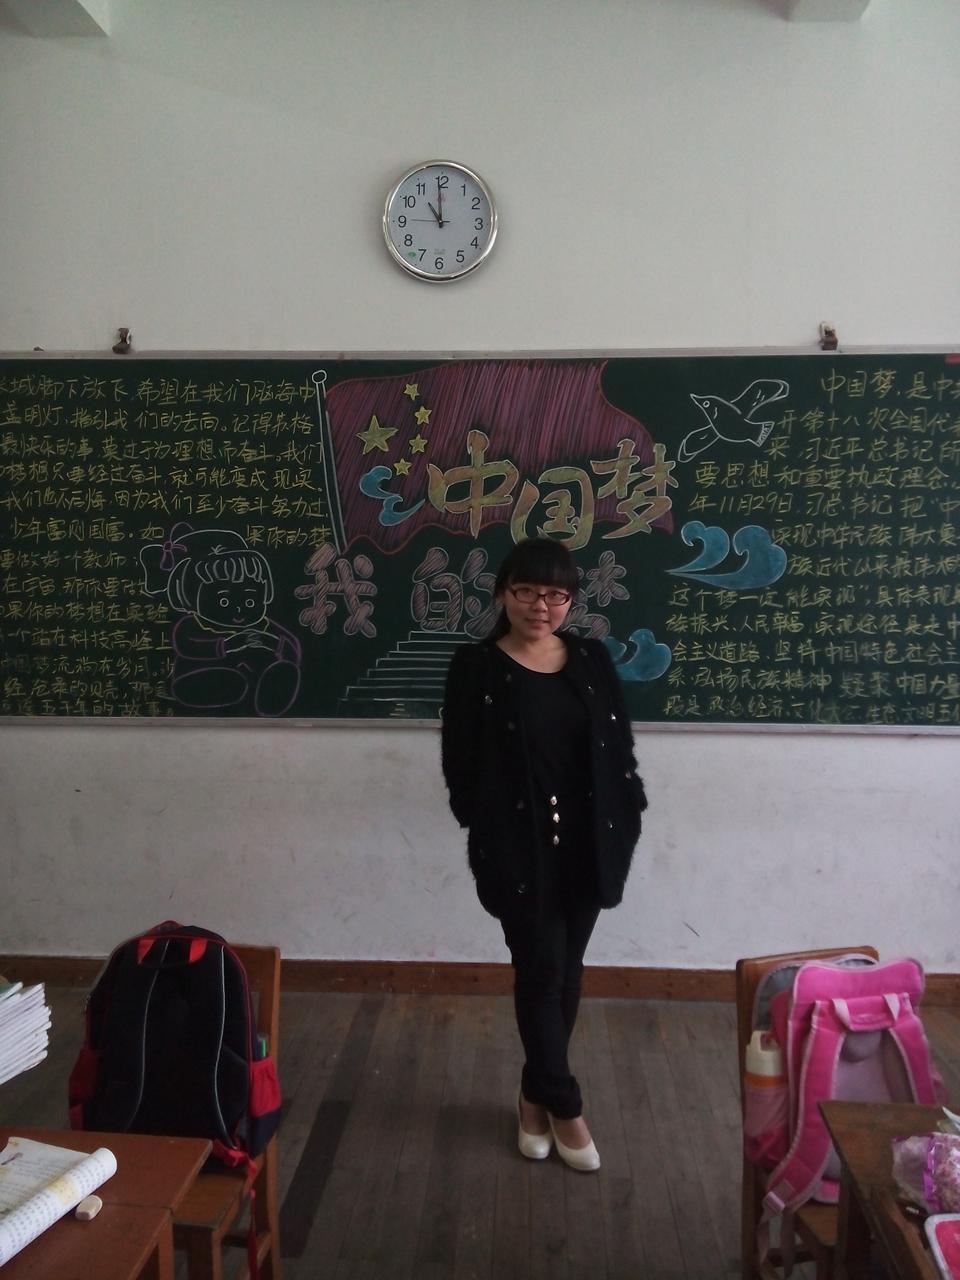 信息人:余露露,江西省九江市庐山局第一小学